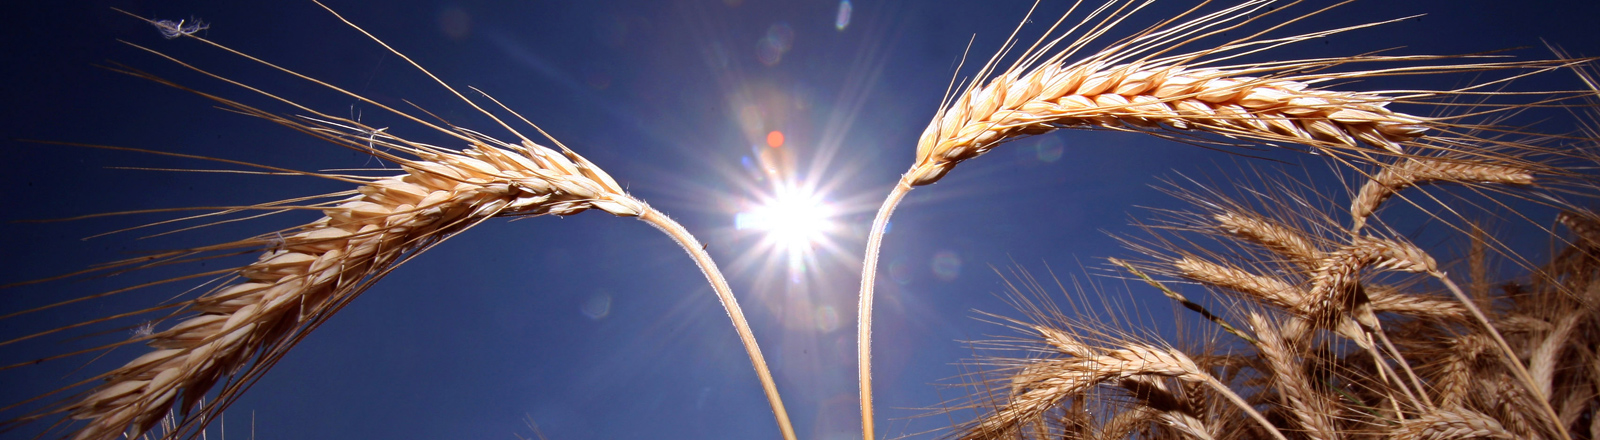 Reife Getreideähren stehen im prallen Sonnenschein.